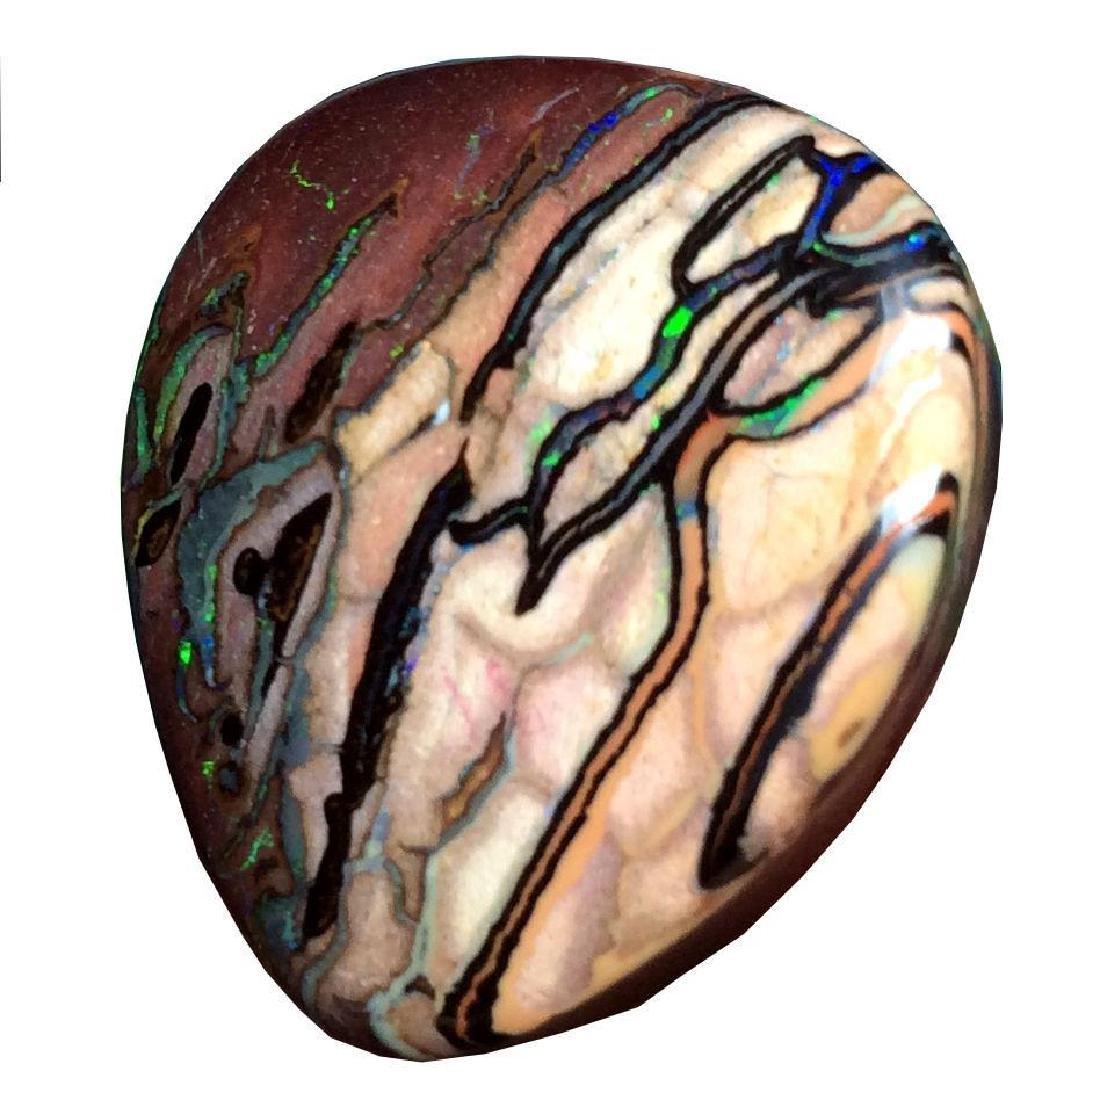 34.25ct Australian Boulder Opal Stone TOP QUALITY Color